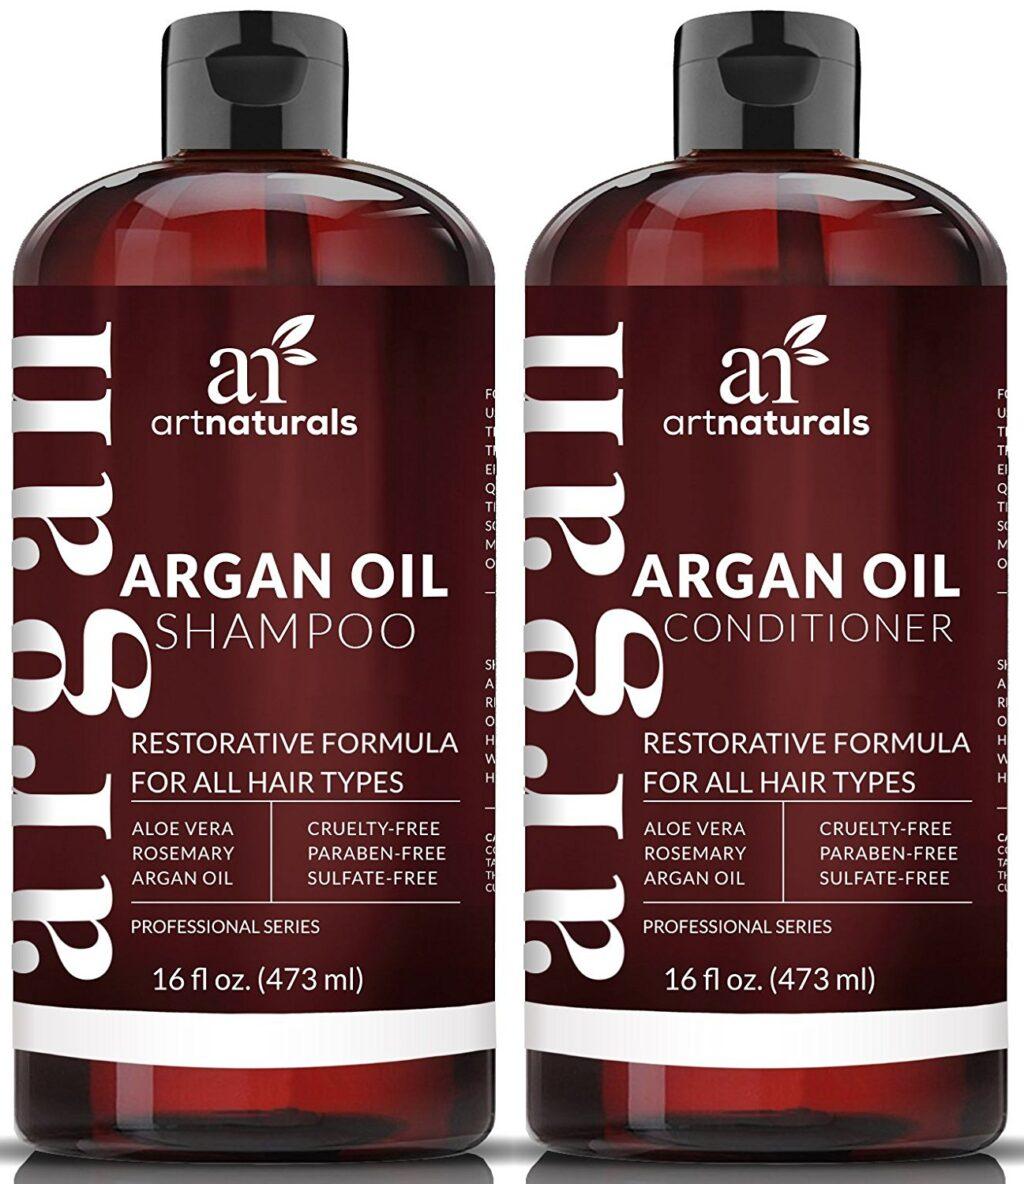 Best Argan Oil Hair Products Argan Oil Reviews images